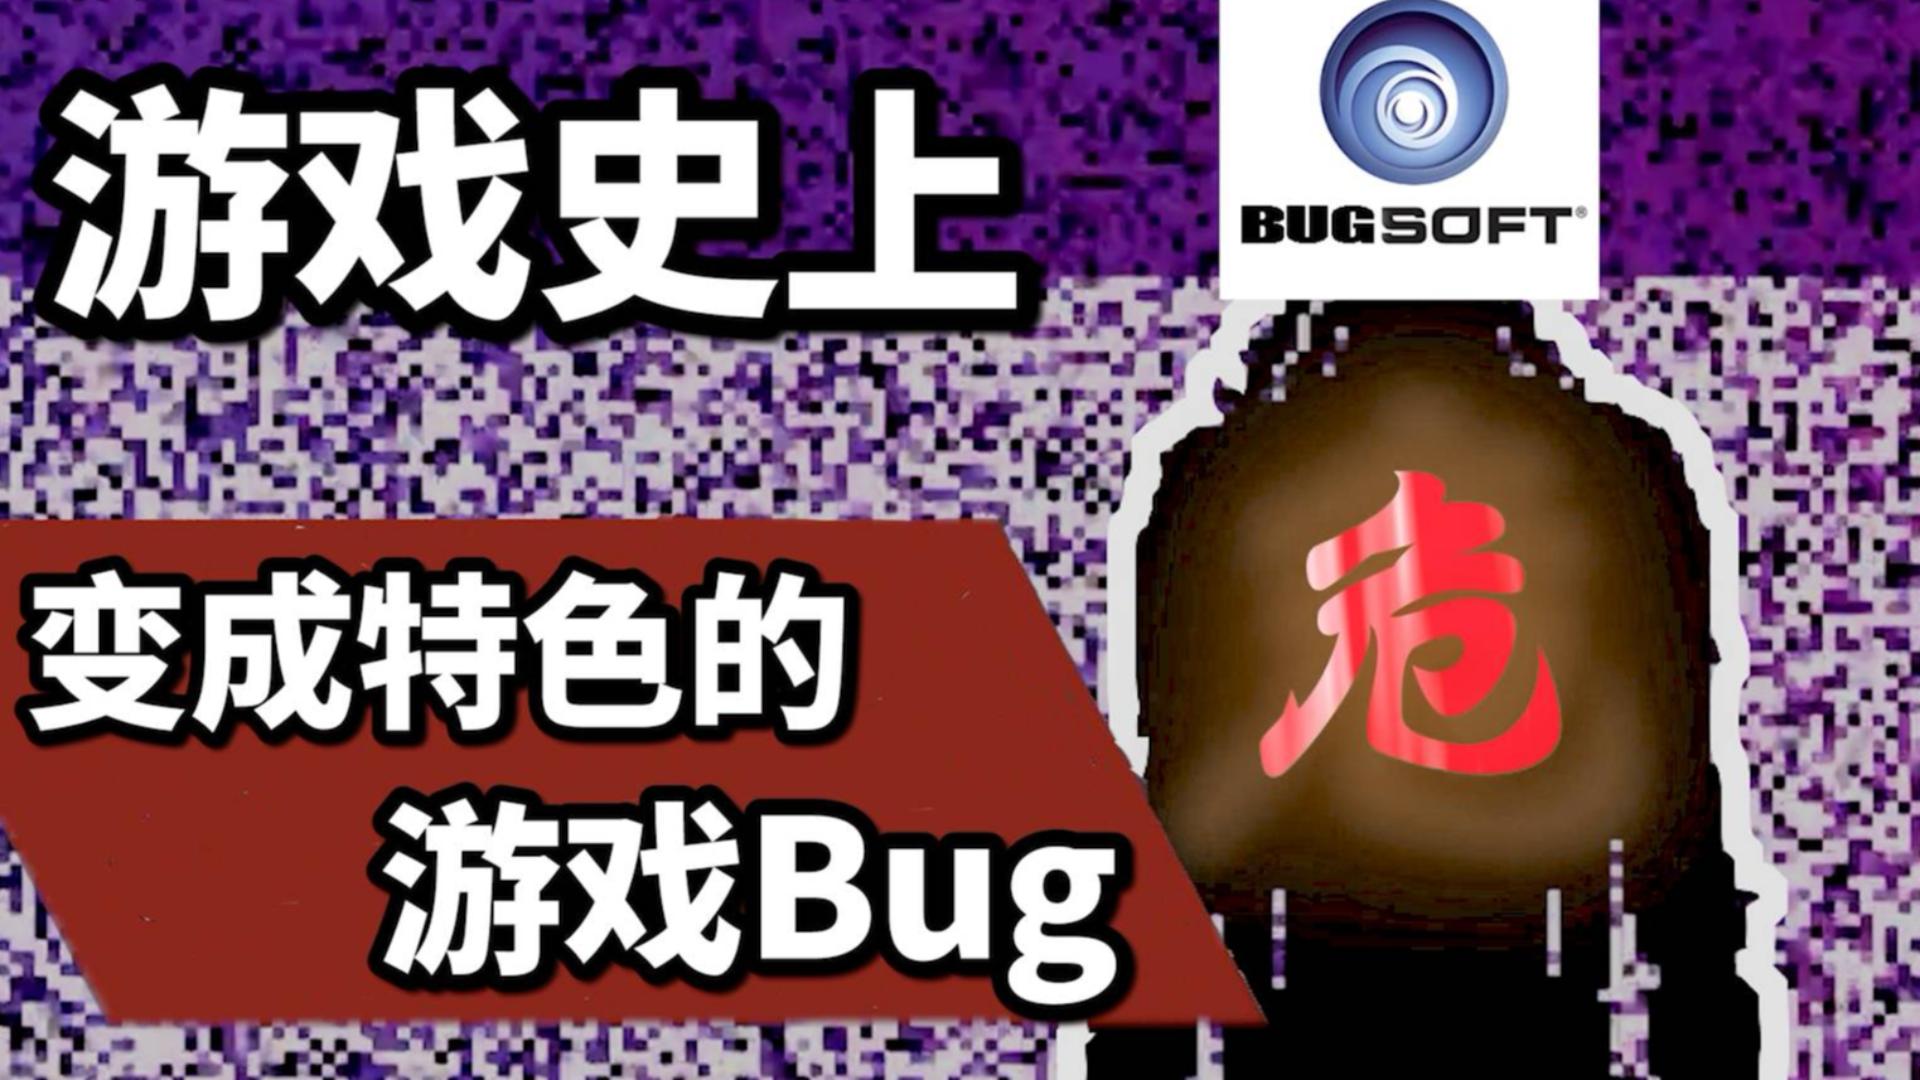 游戏史上的独特Bug,几乎影响了所有游戏!